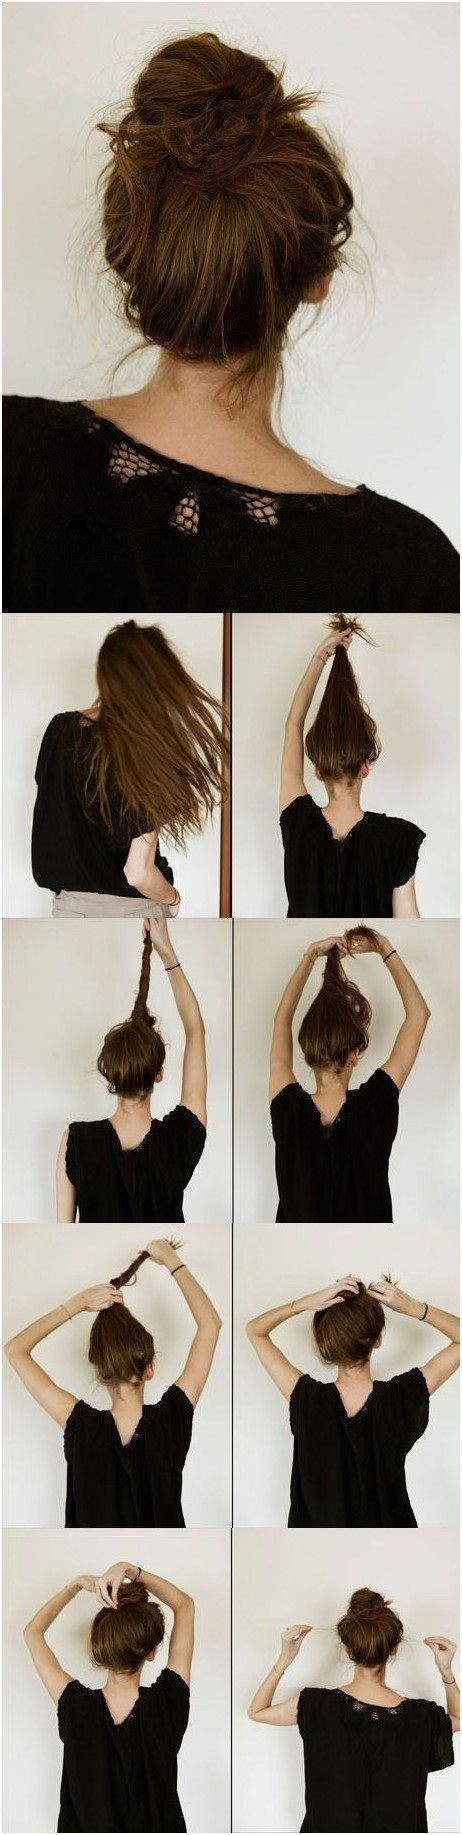 10 Magnifiques Tutoriels Pour Cheveux Longs   Coiffure simple et facile